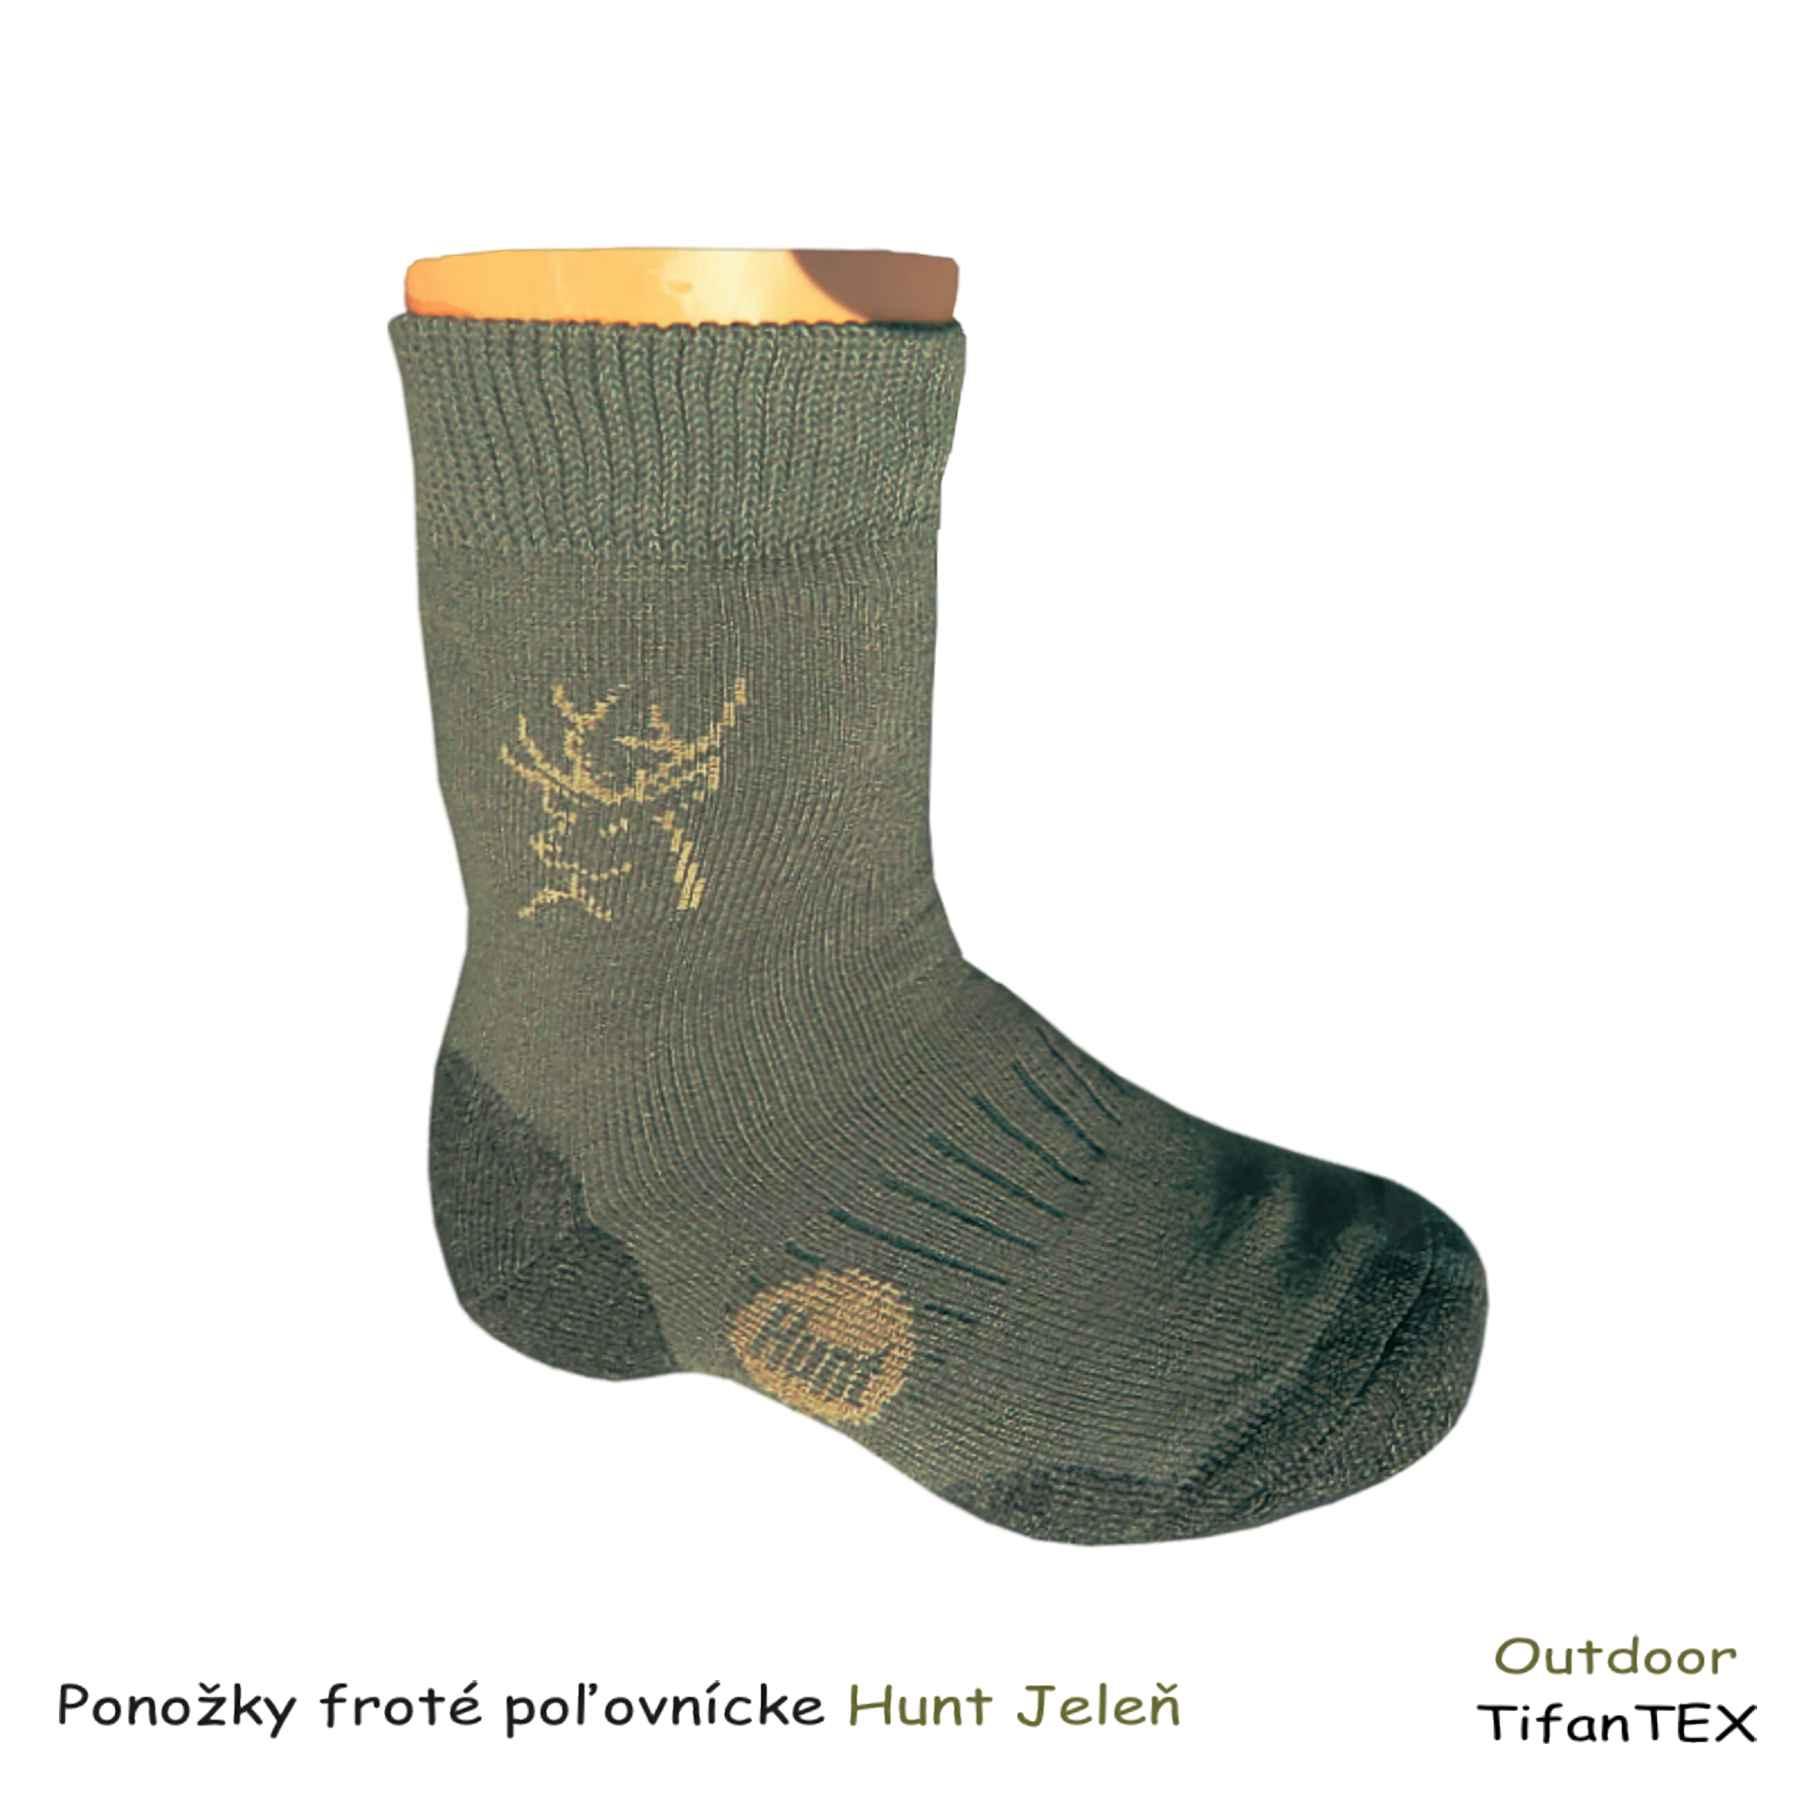 38e4216c98f9 Poľovnícke froté ponožky Hunt Jeleň